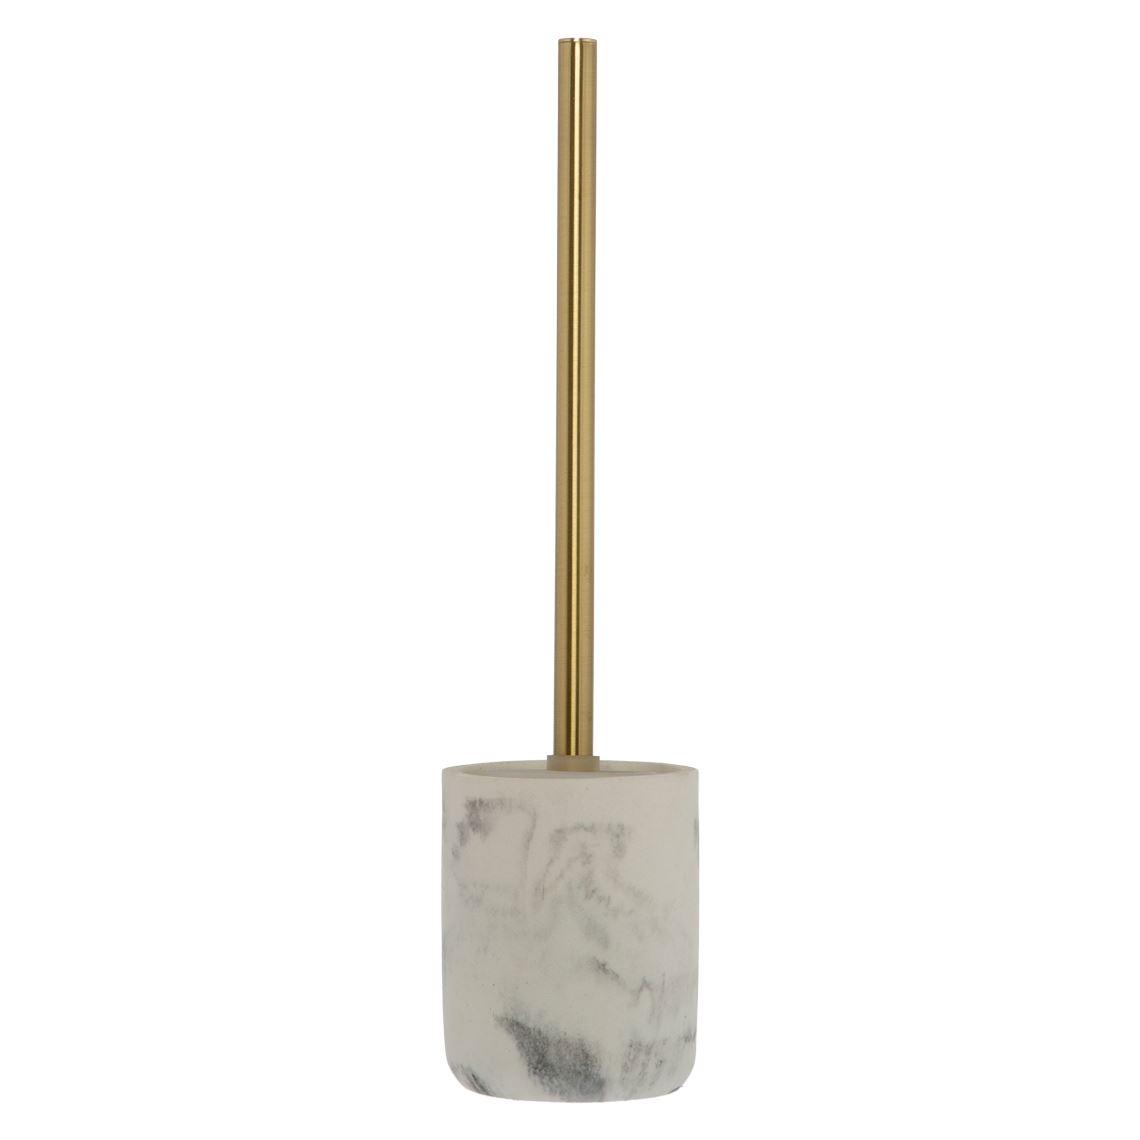 Mersin Toilet Brush Size W 10cm x D 10cm x H 42cm in Marble Effect Freedom